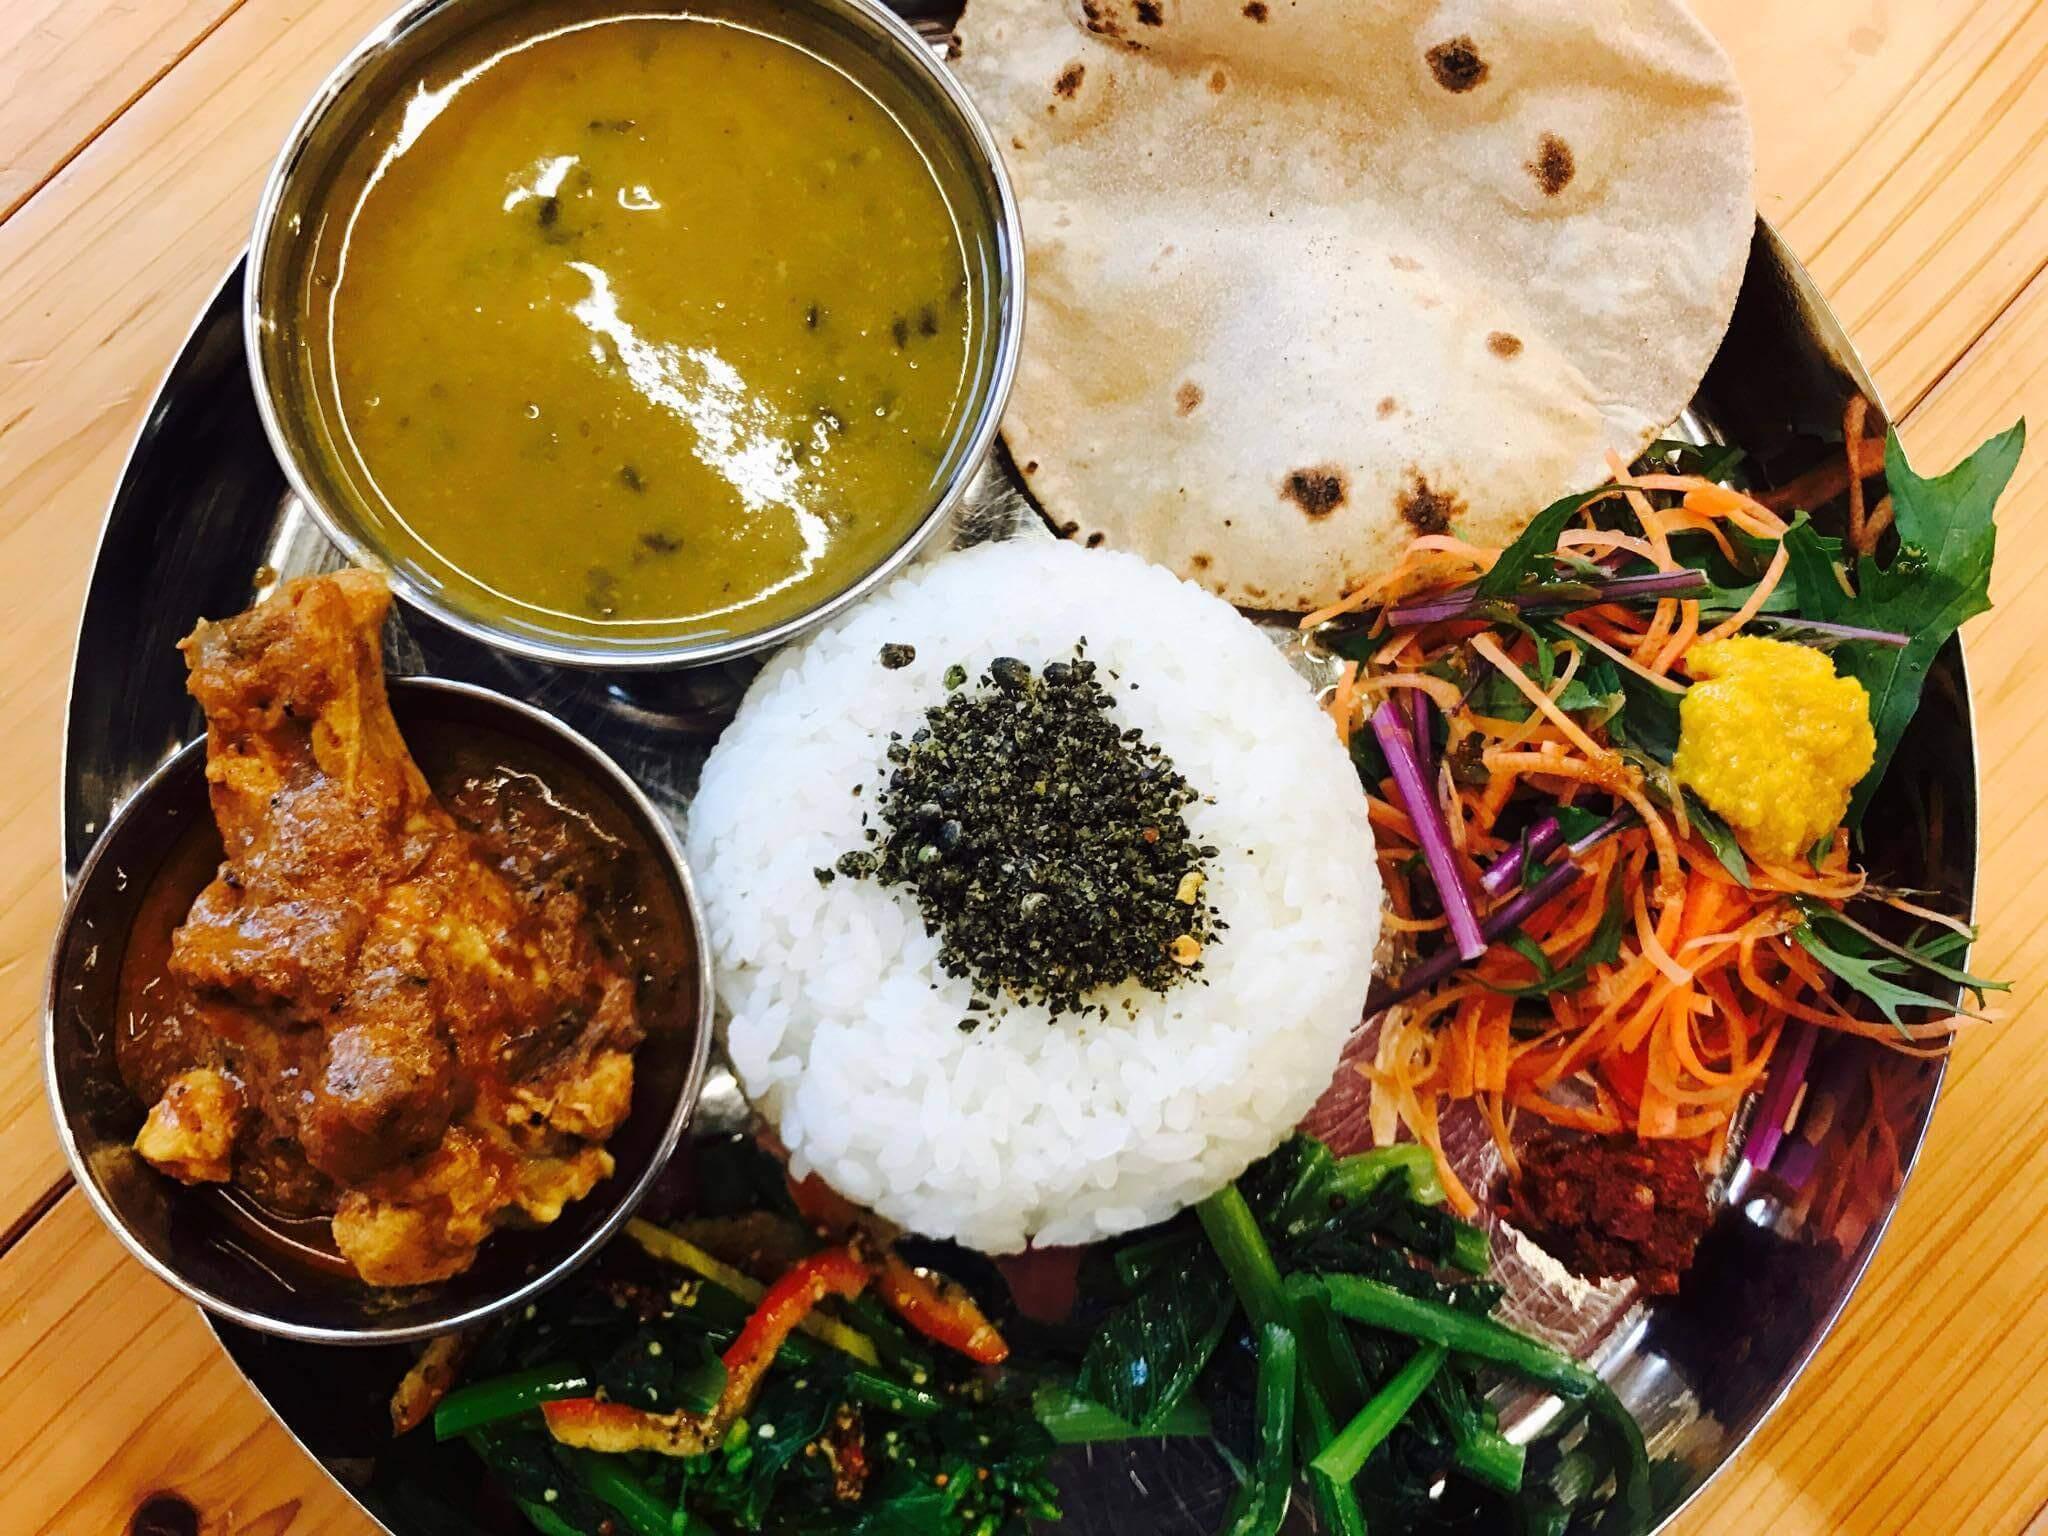 『コイノボリ食堂』で出会ったネパール現地の家庭の味。美味しさの秘密は「無農薬の野菜」にあり。